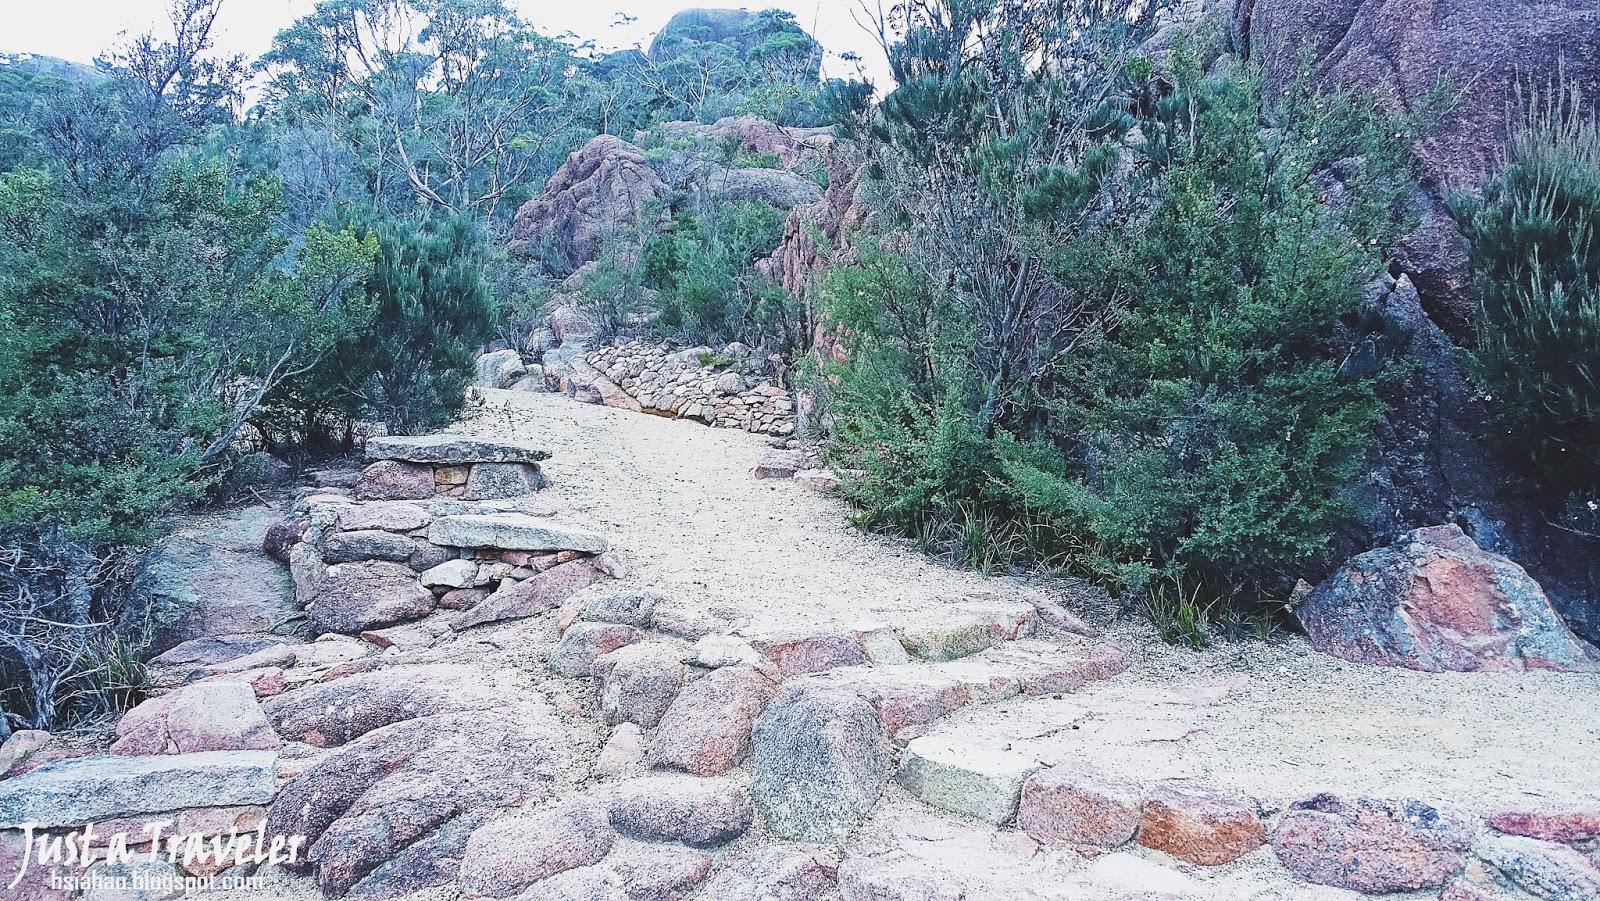 塔斯馬尼亞-景點-推薦-菲欣納國家公園-旅遊-自由行-澳洲-Tasmania-Freycinet-National-Park-Tourist-Attraction-Australia